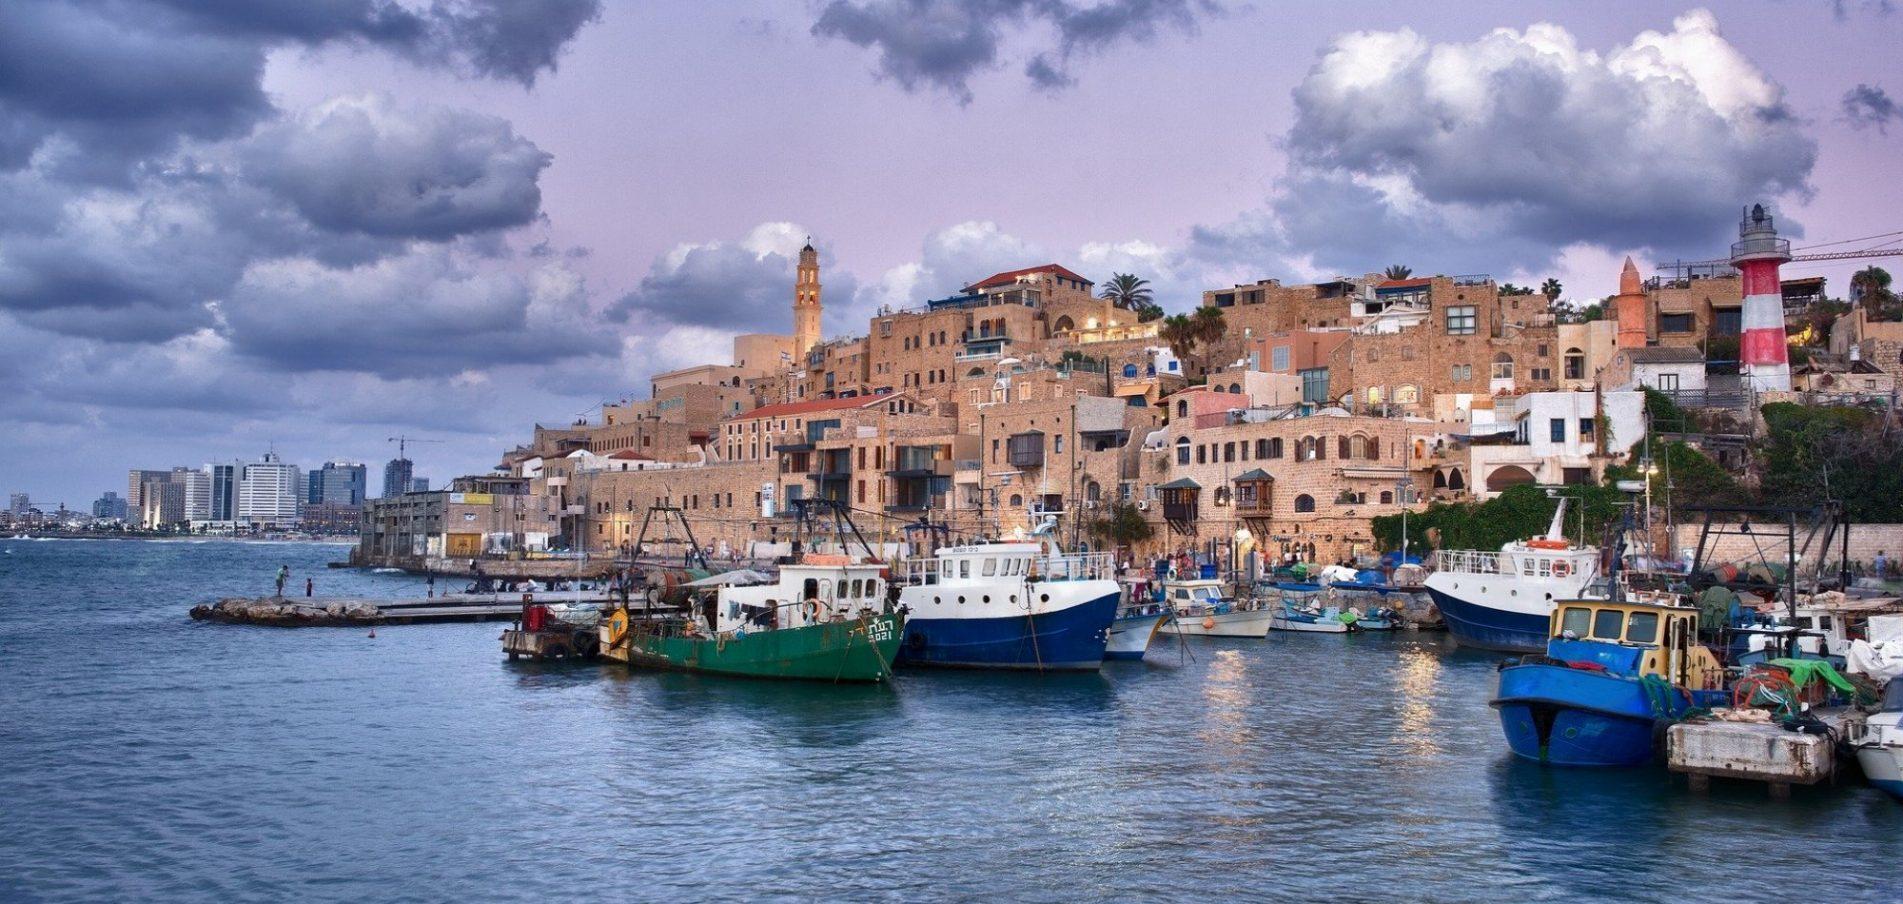 Willkommen in Tel Aviv ... der neuen Trend-Destination am Mittelmeer